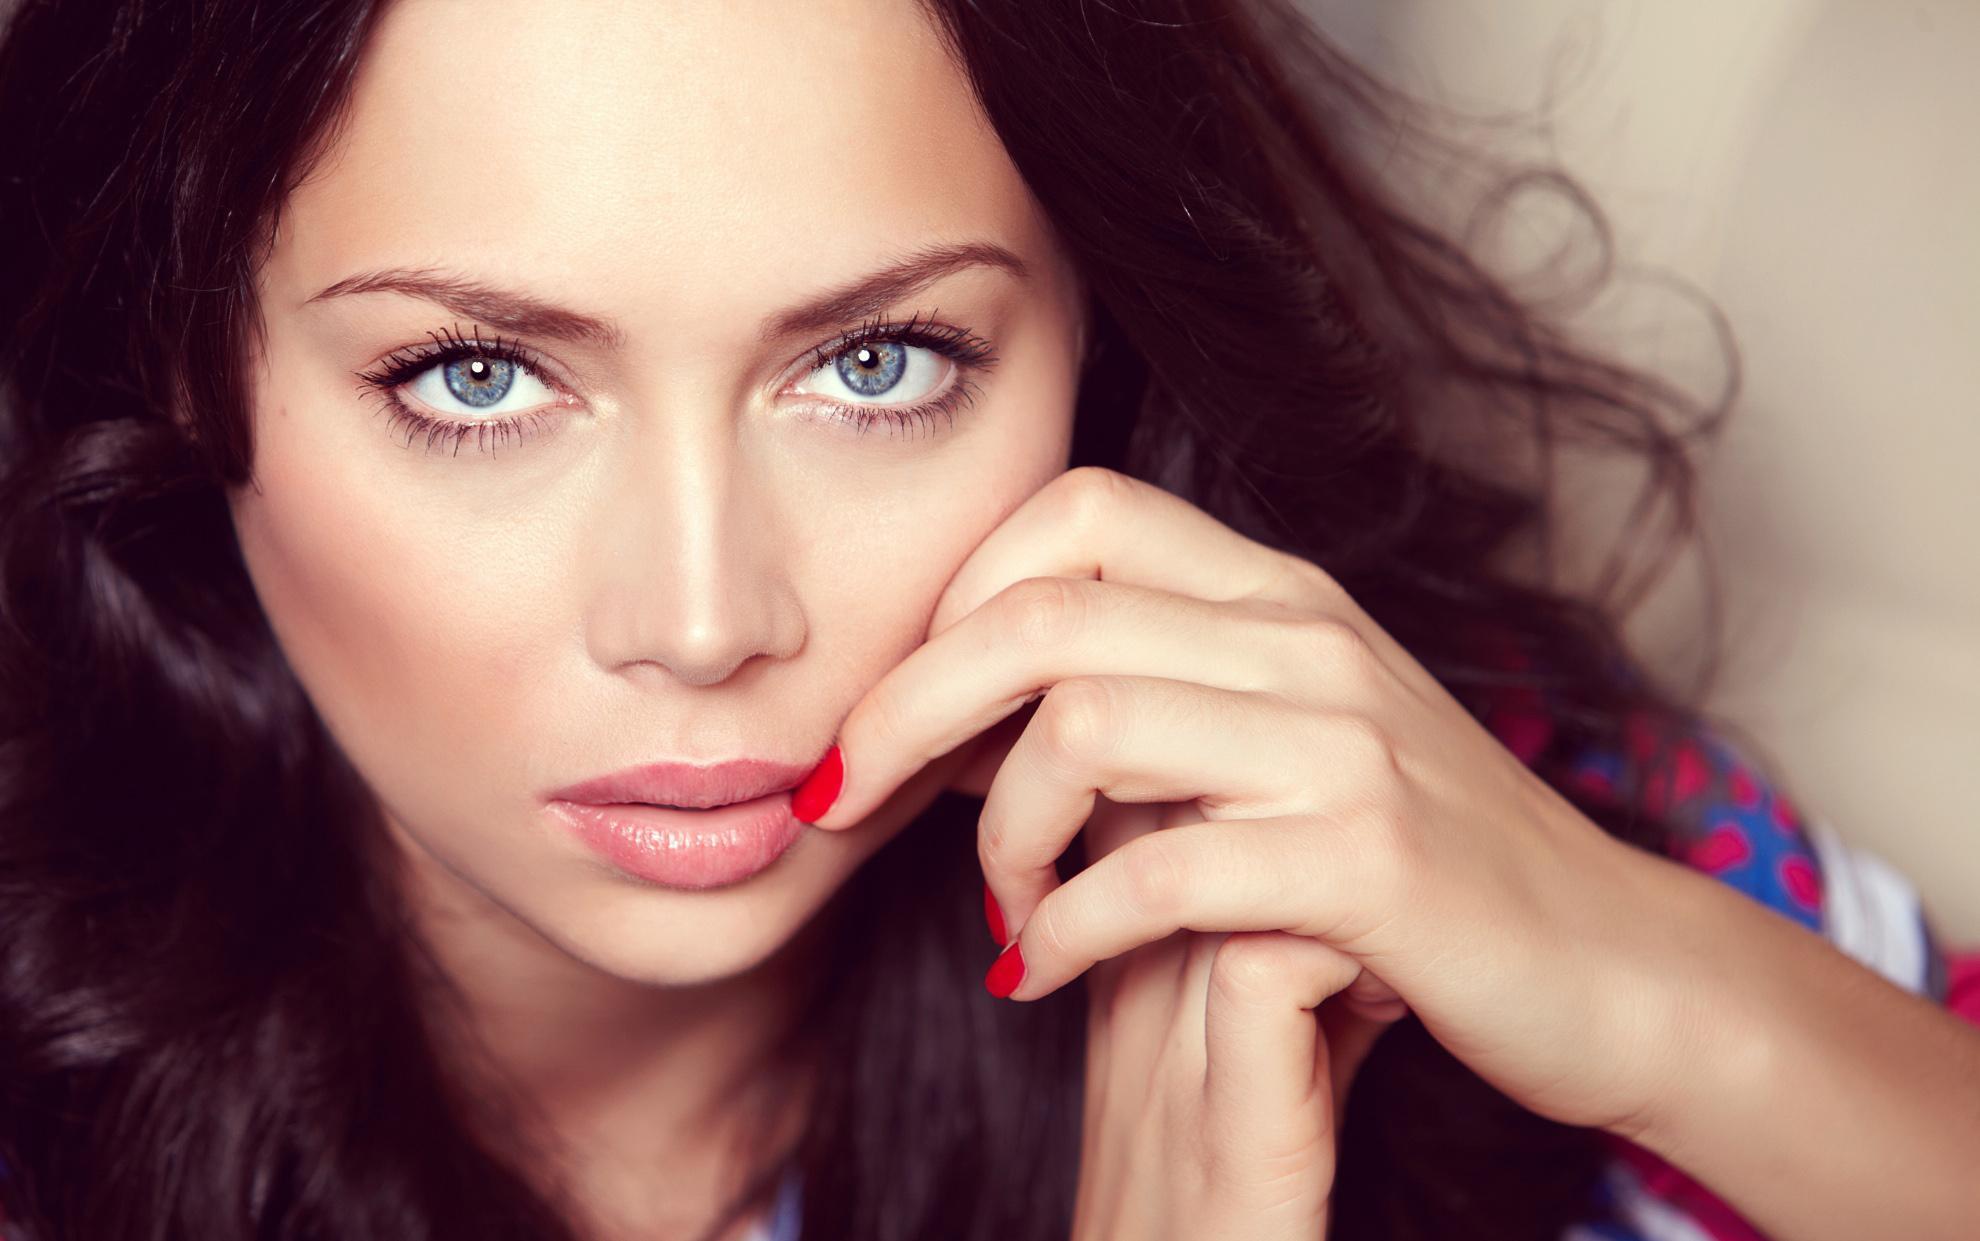 Анастасия Самбурская не понравилась музыкальному продюсеру – ее выступления исчезли с канала